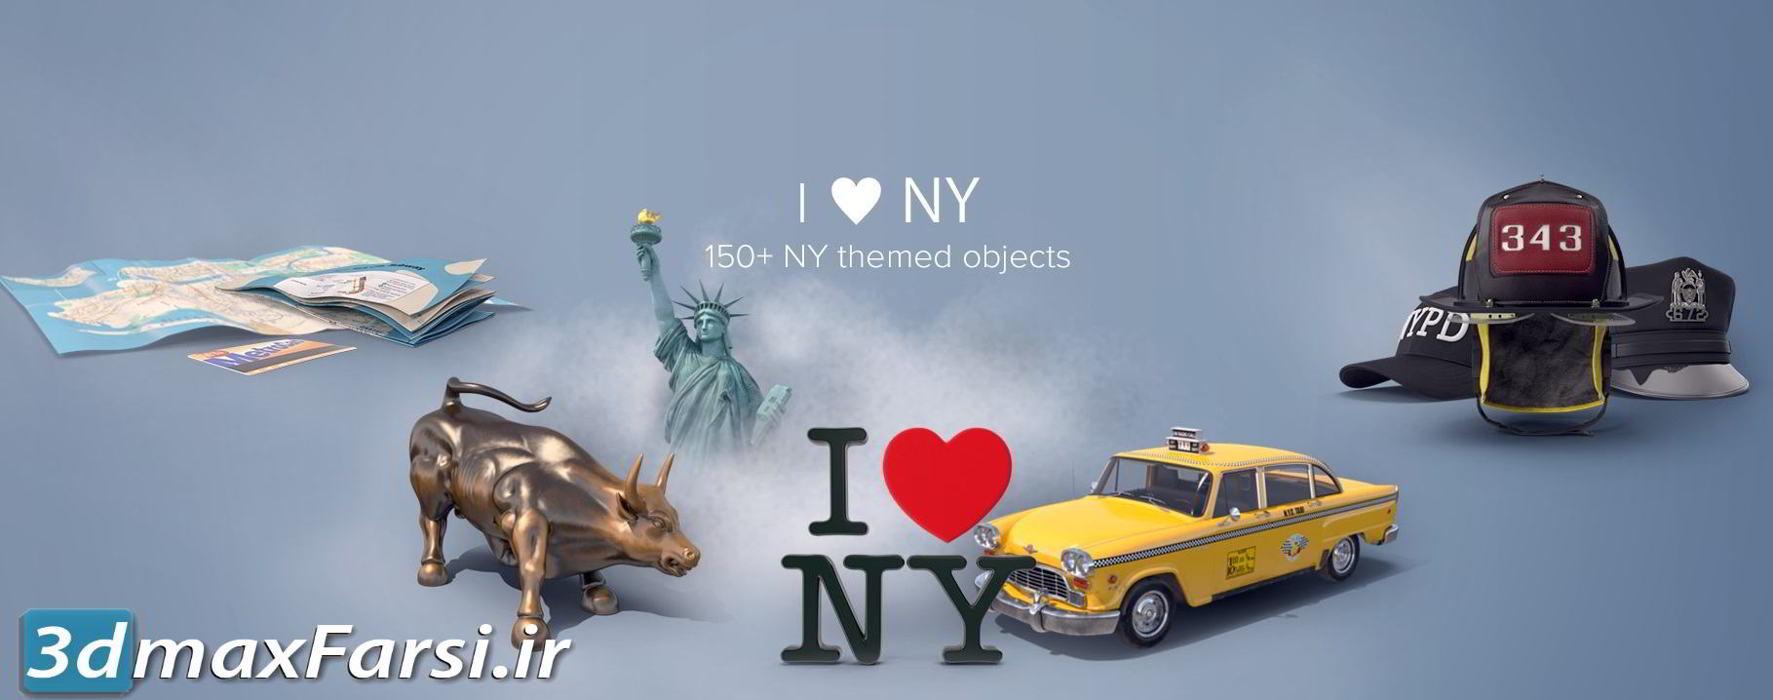 عکس گرافیکی المان های نیویورک PixelSquid – I Love NY Collection